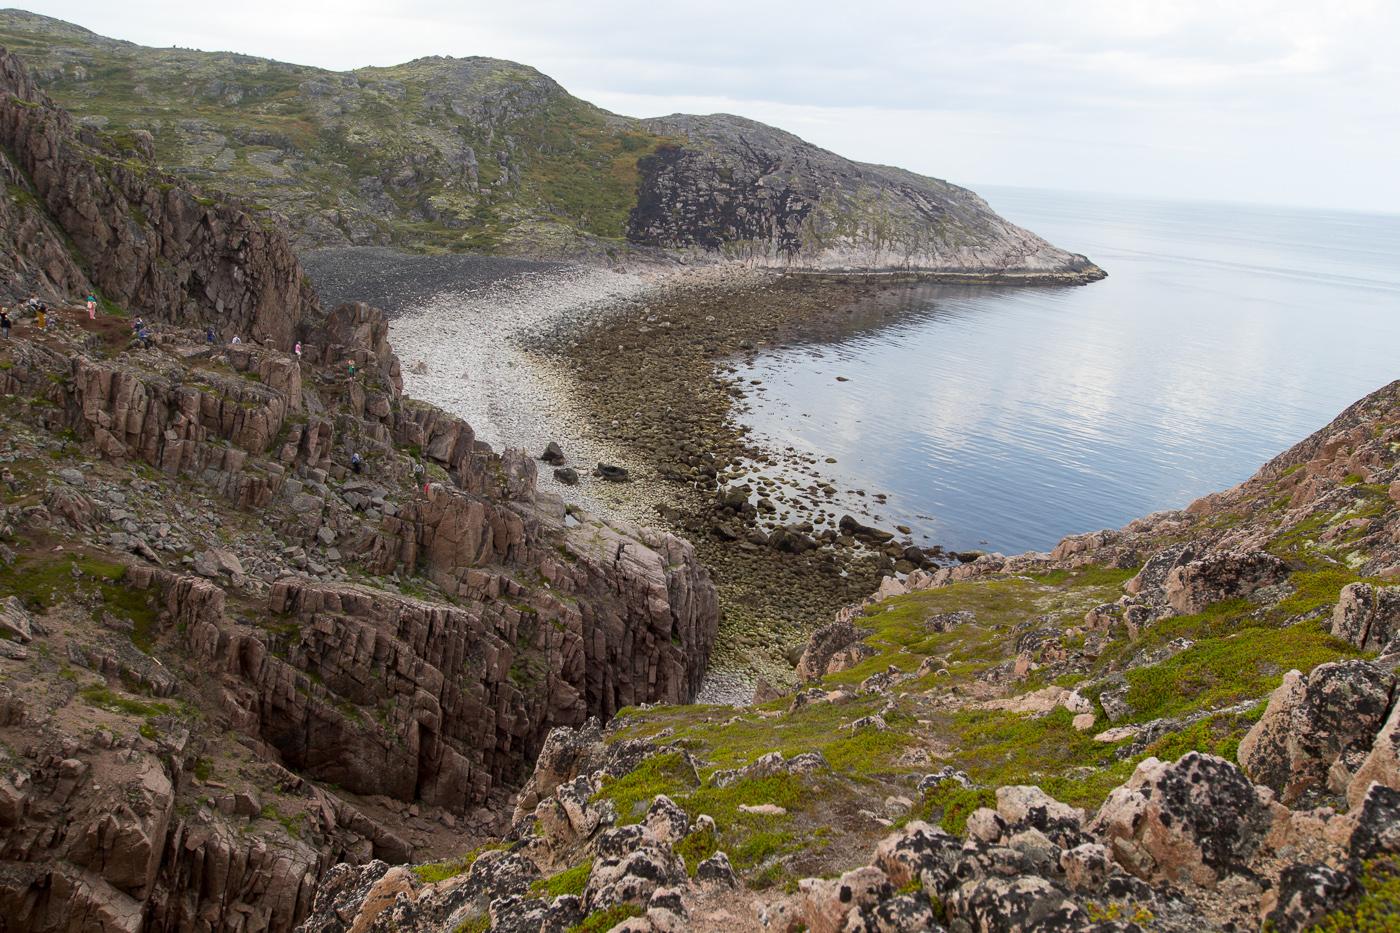 этой остров кольского полуострова гранитный фото понедельник вечером азс